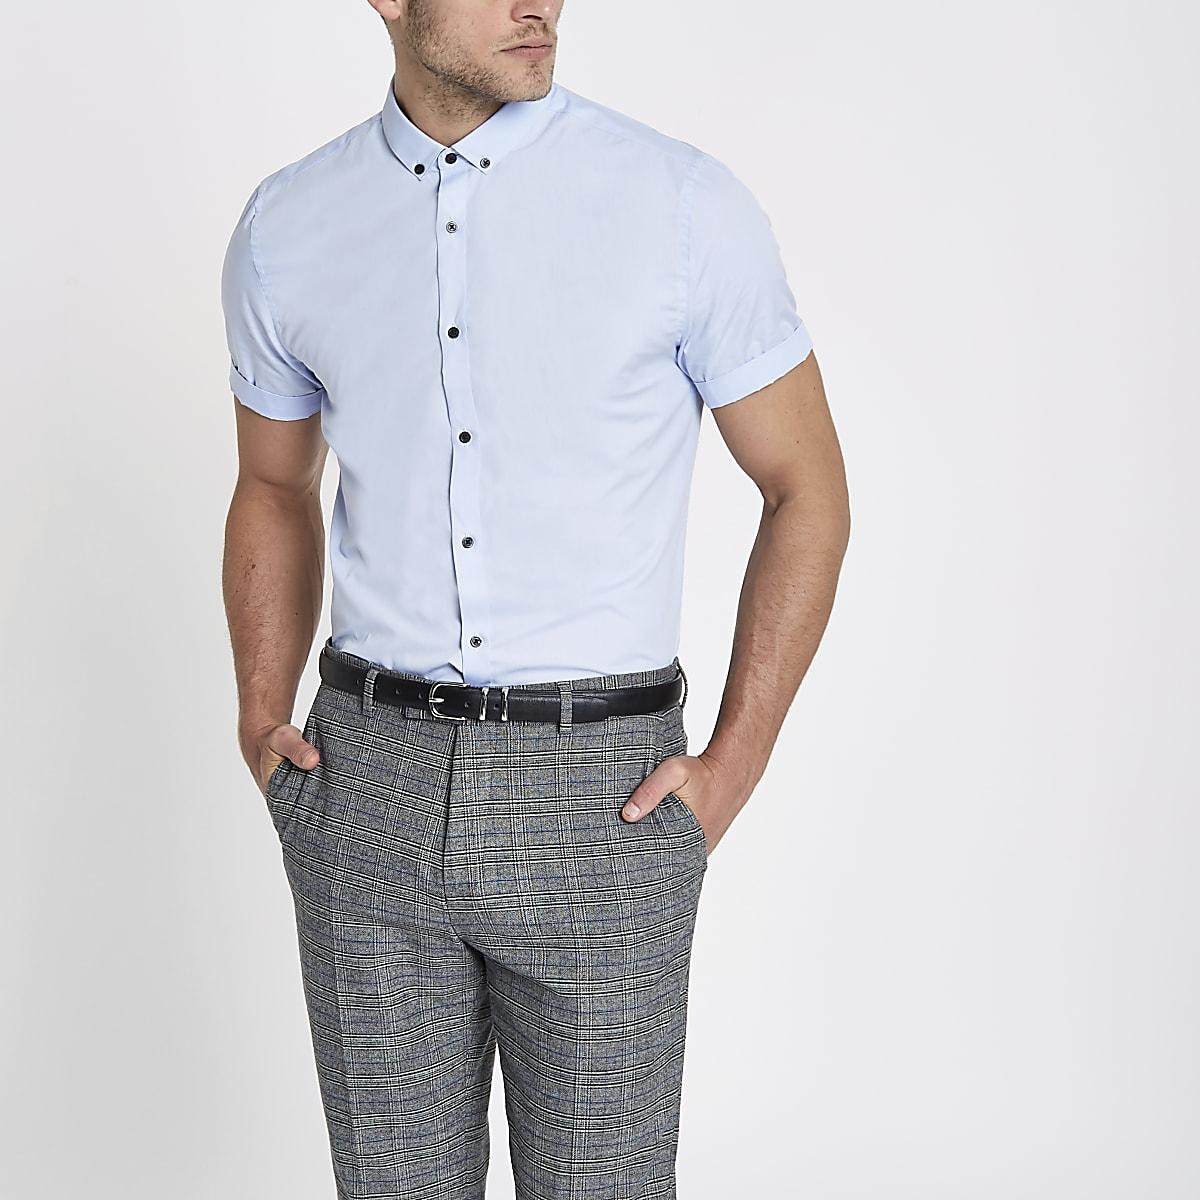 Slim Fit Overhemd.Lichtblauw Slim Fit Overhemd Met Korte Mouwen Overhemden Met Korte